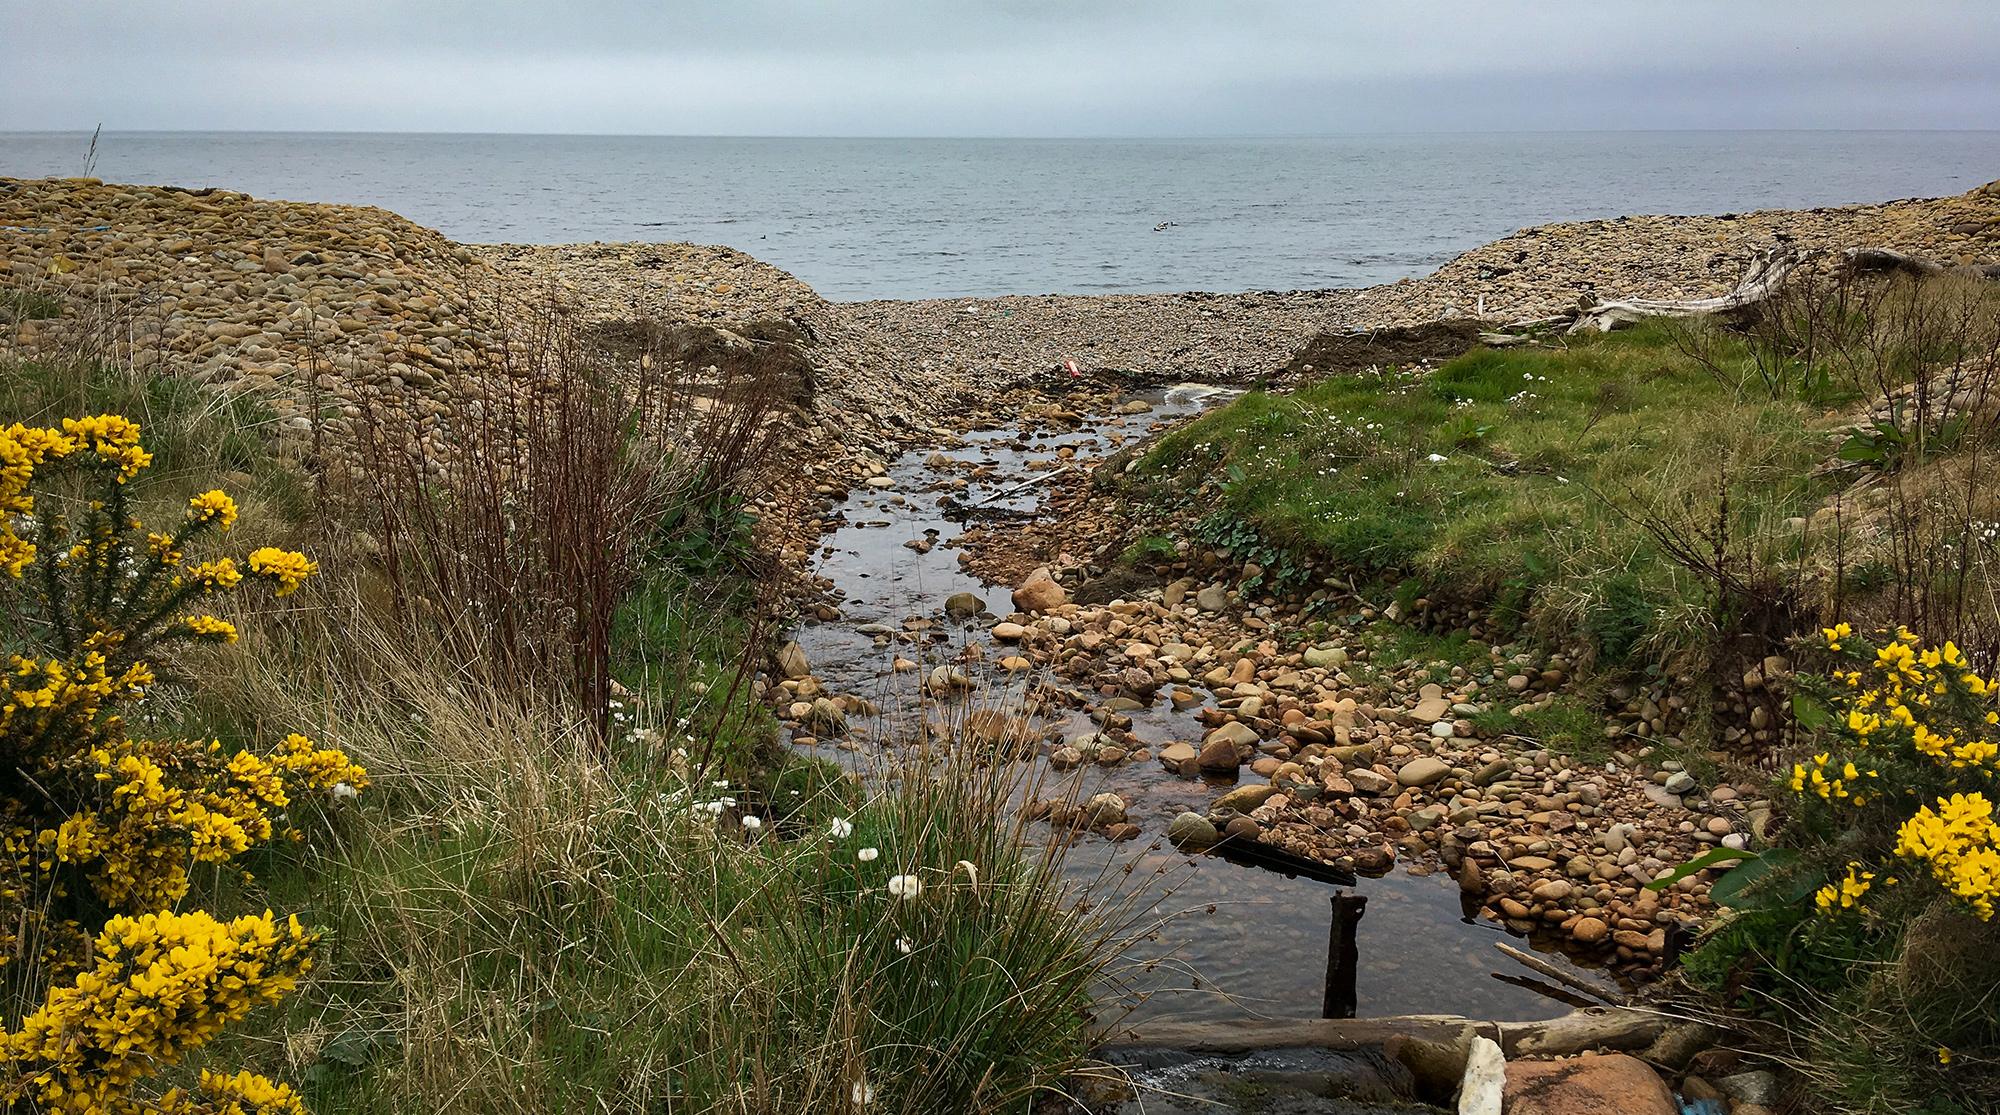 Flussmündung ins Meer mit Steinen und Ginster